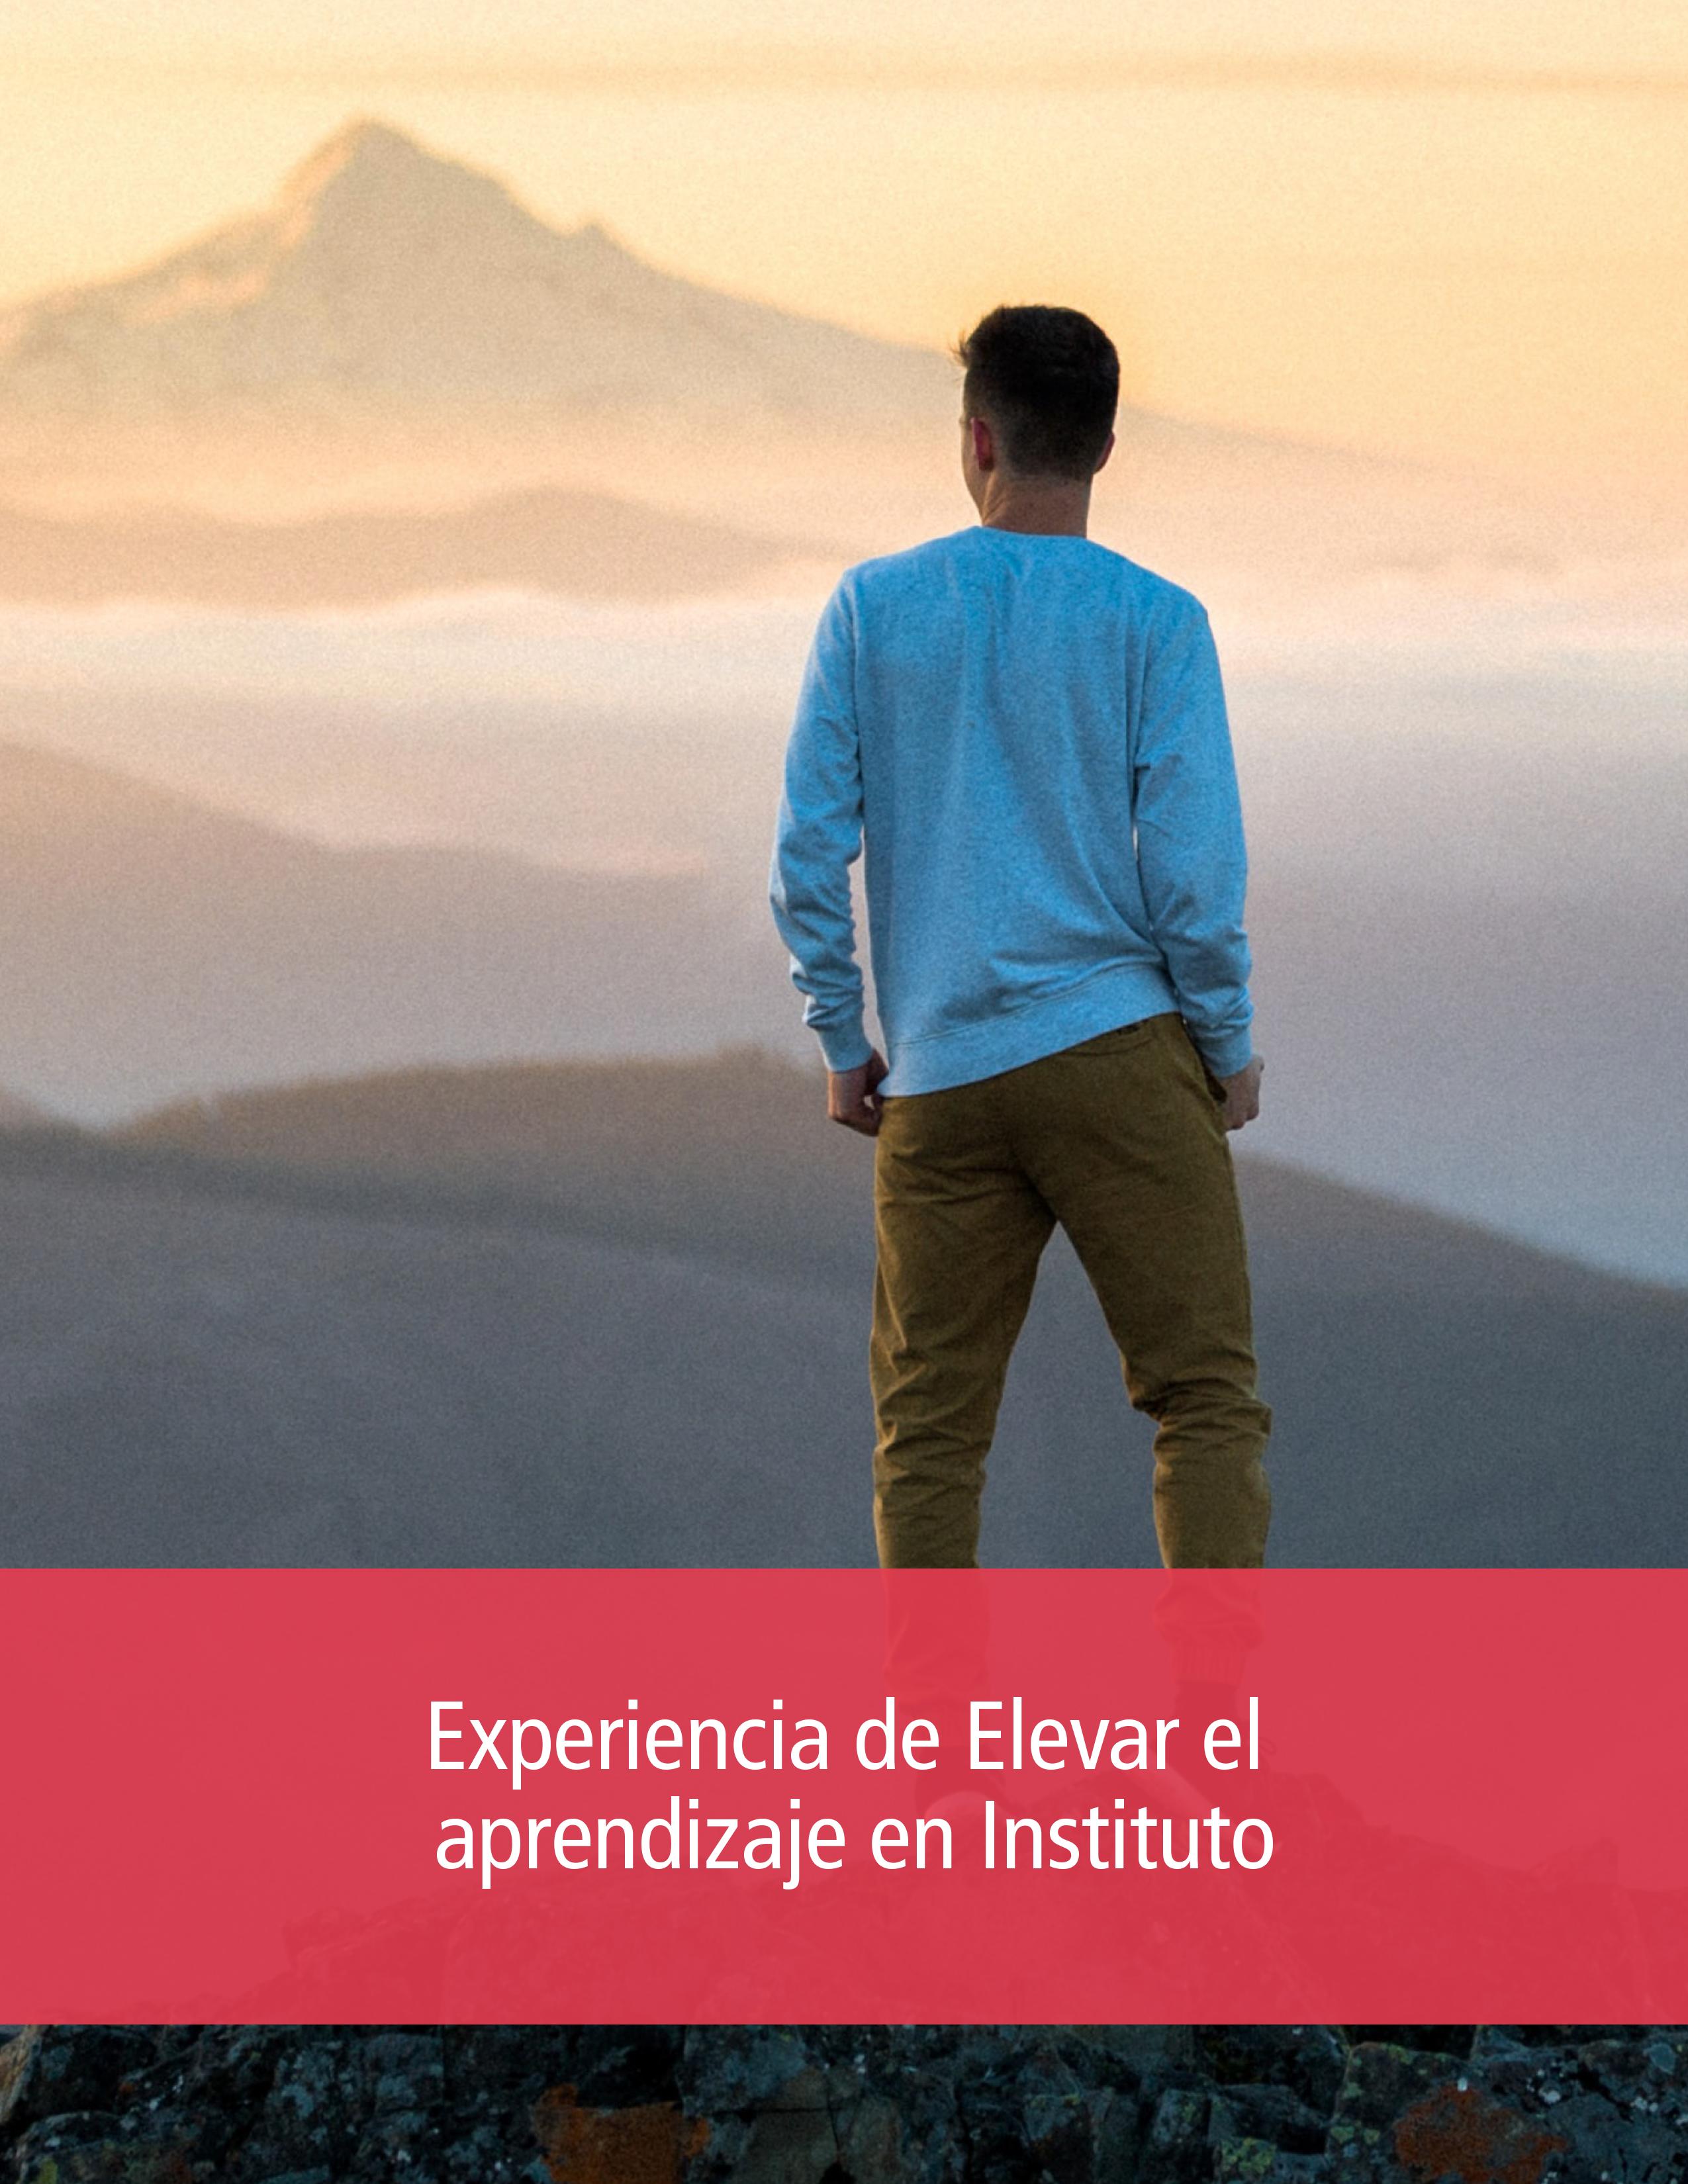 Experiencia de Elevar el aprendizaje en Instituto